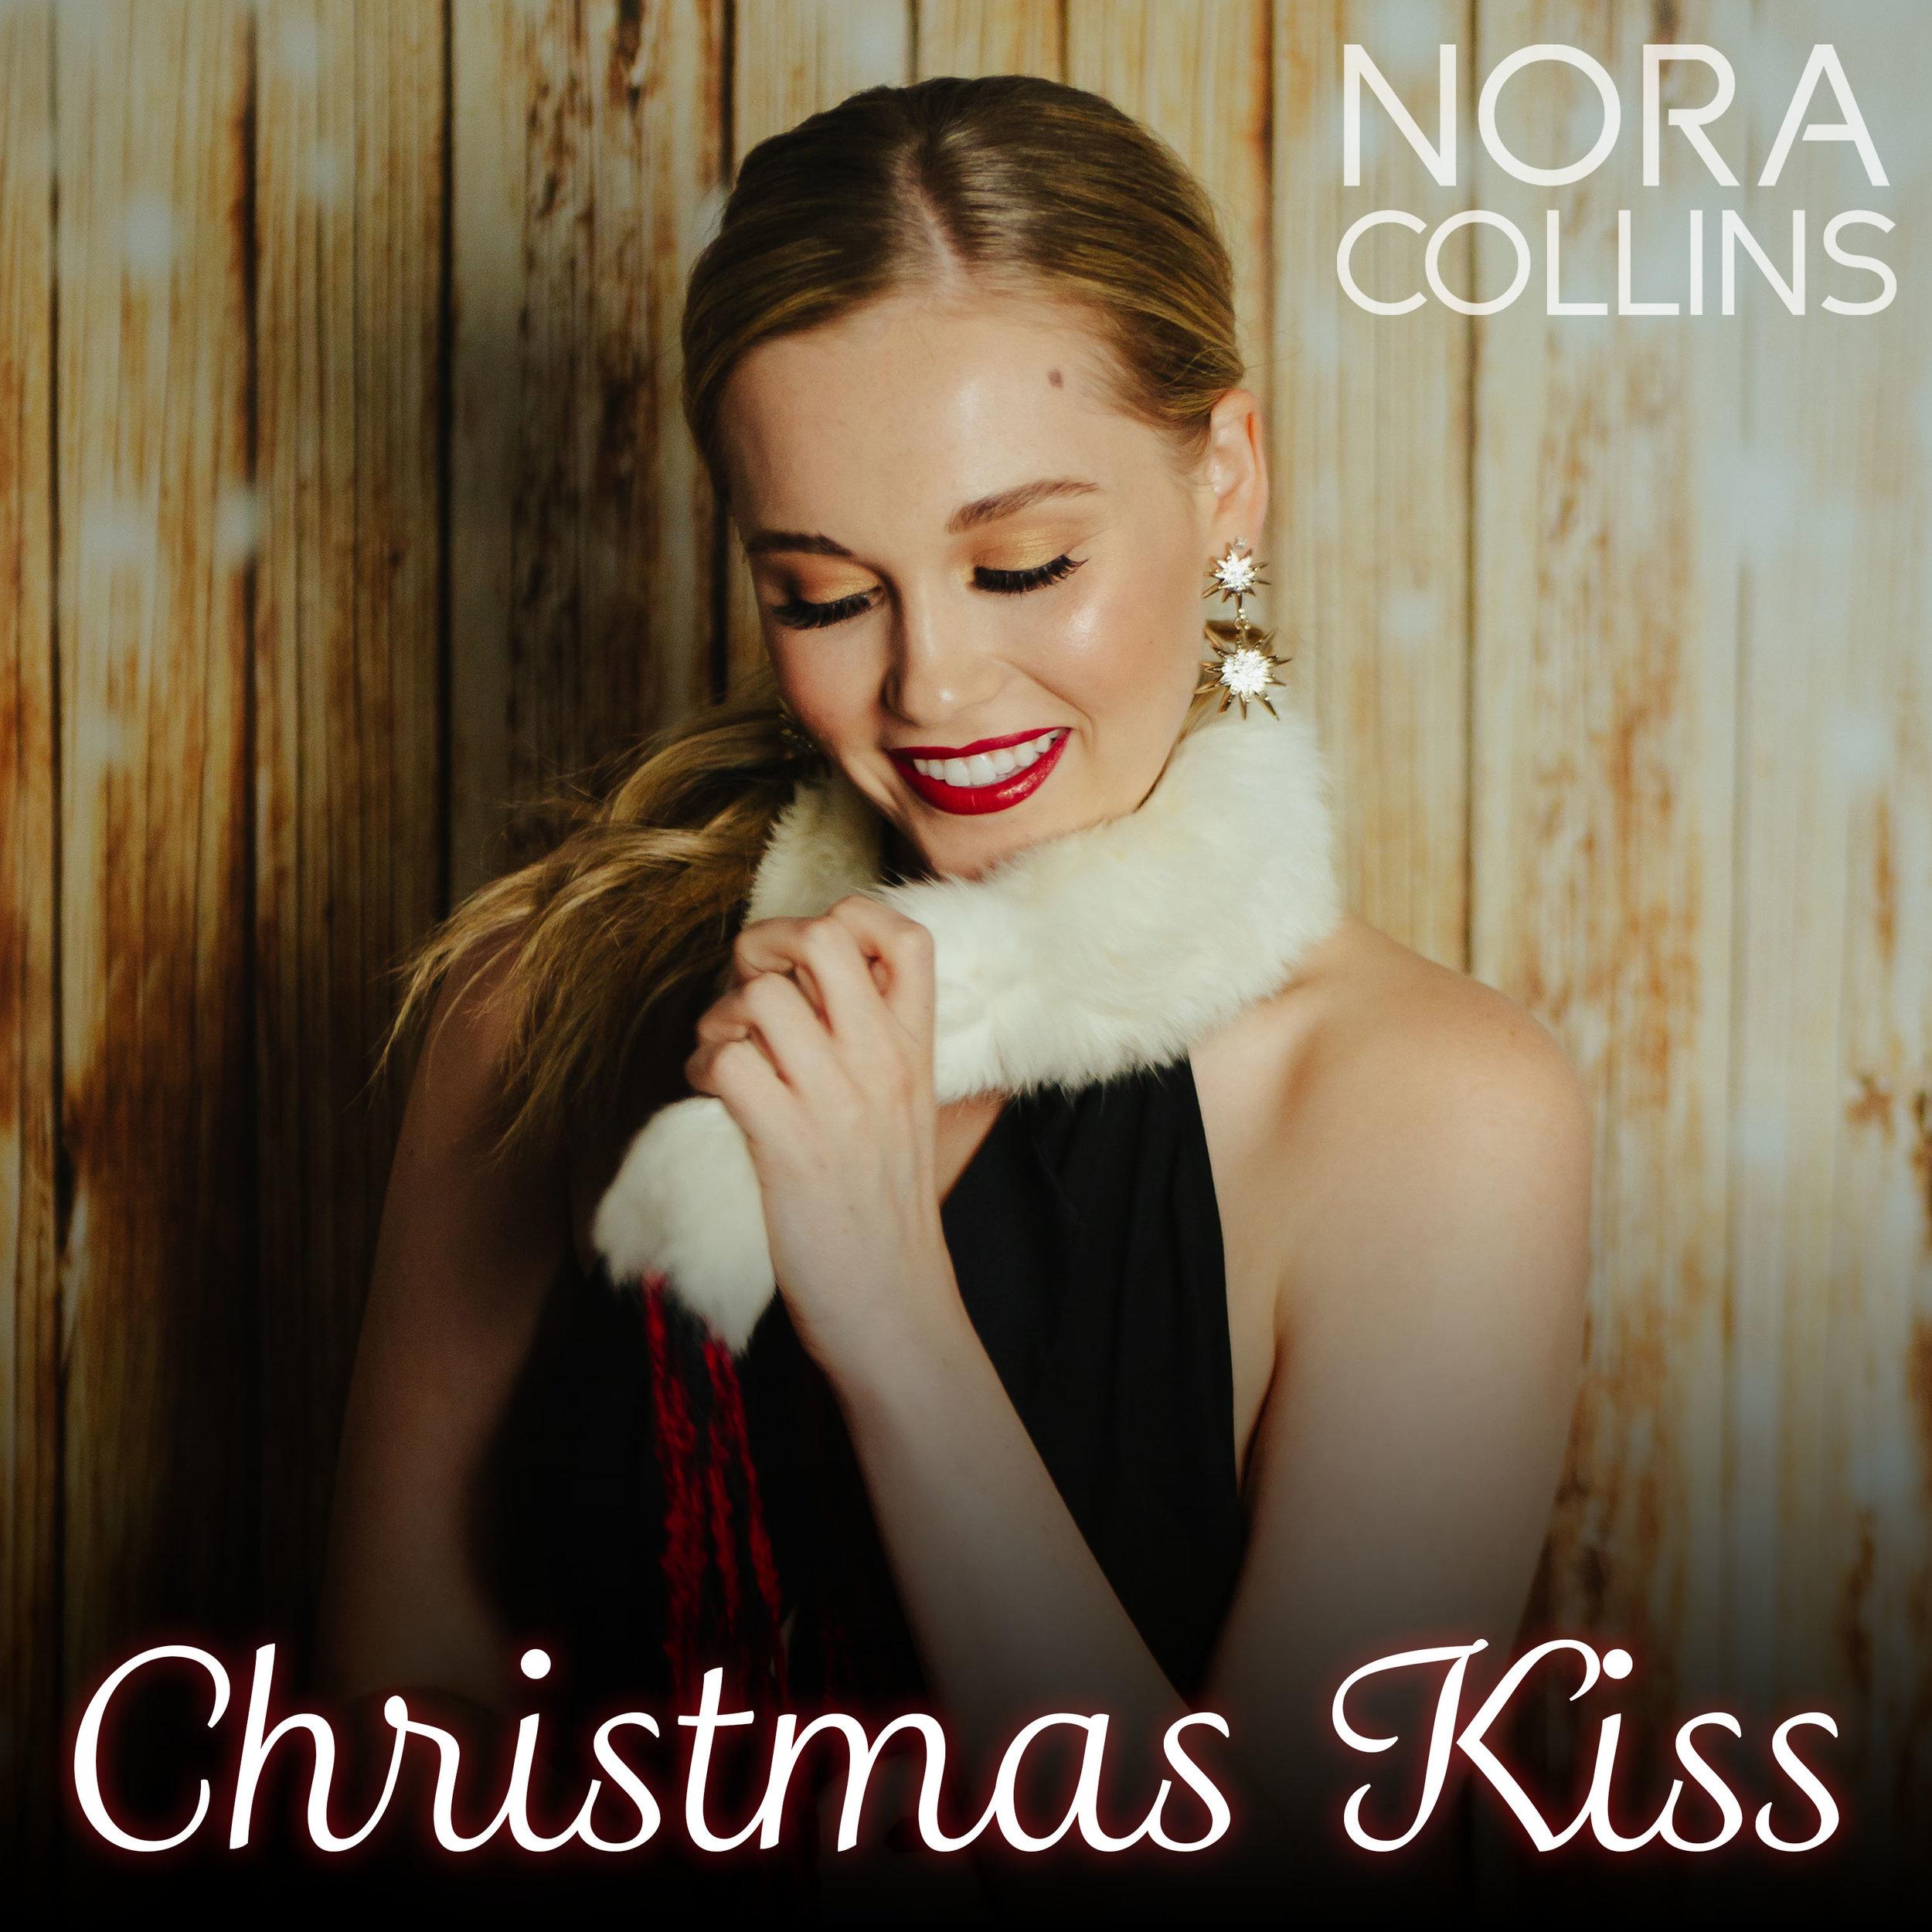 Christmas Kiss.jpg